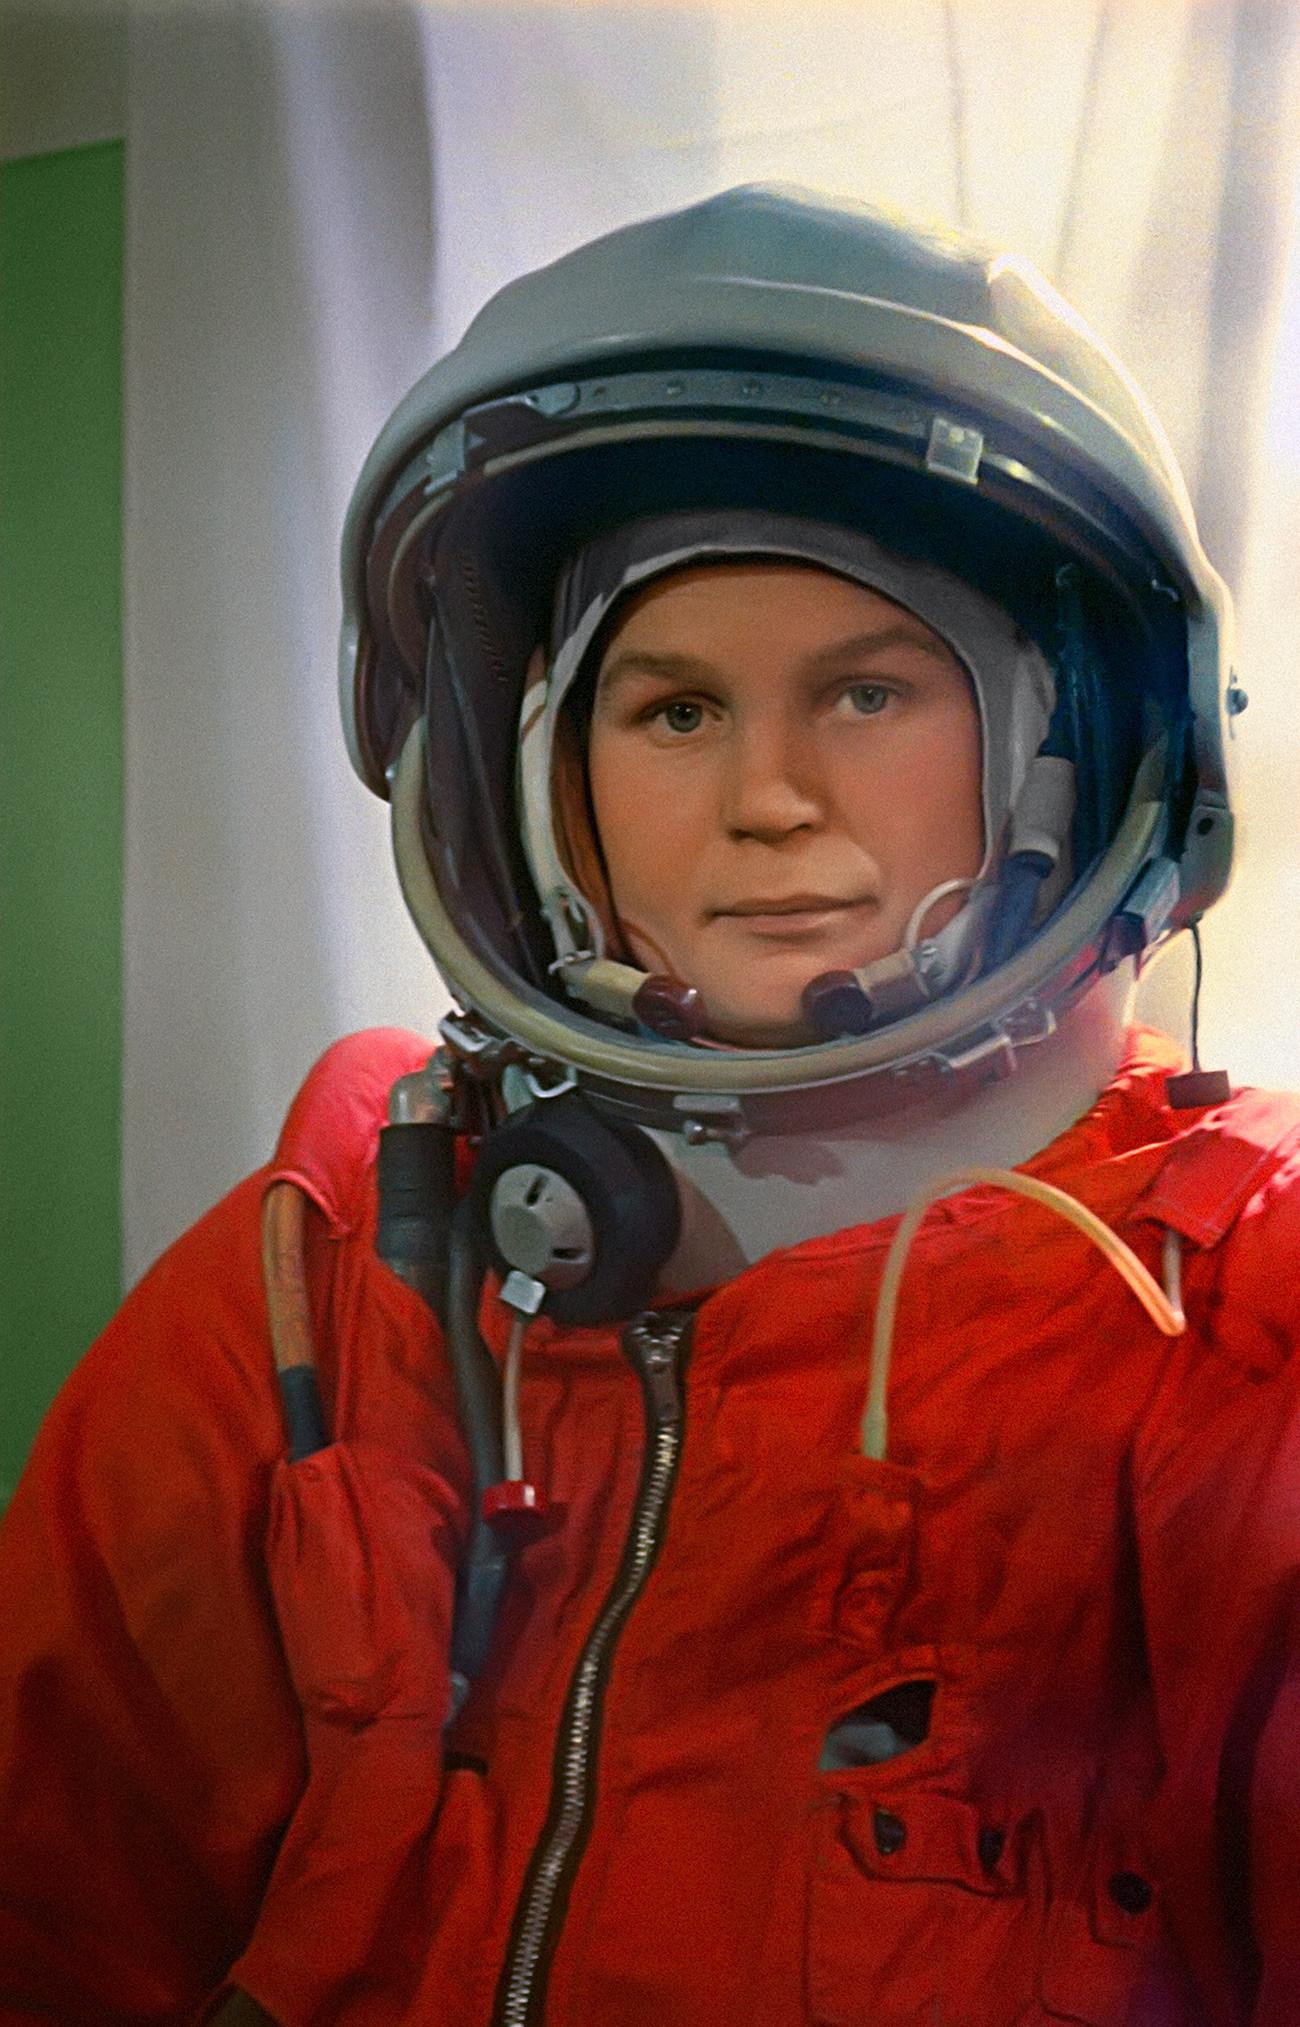 La cosmonauta sovietica Valentisna Tereshkova prima del lancio. Tereshkova fu la prima donna ad aver volato nello spazio